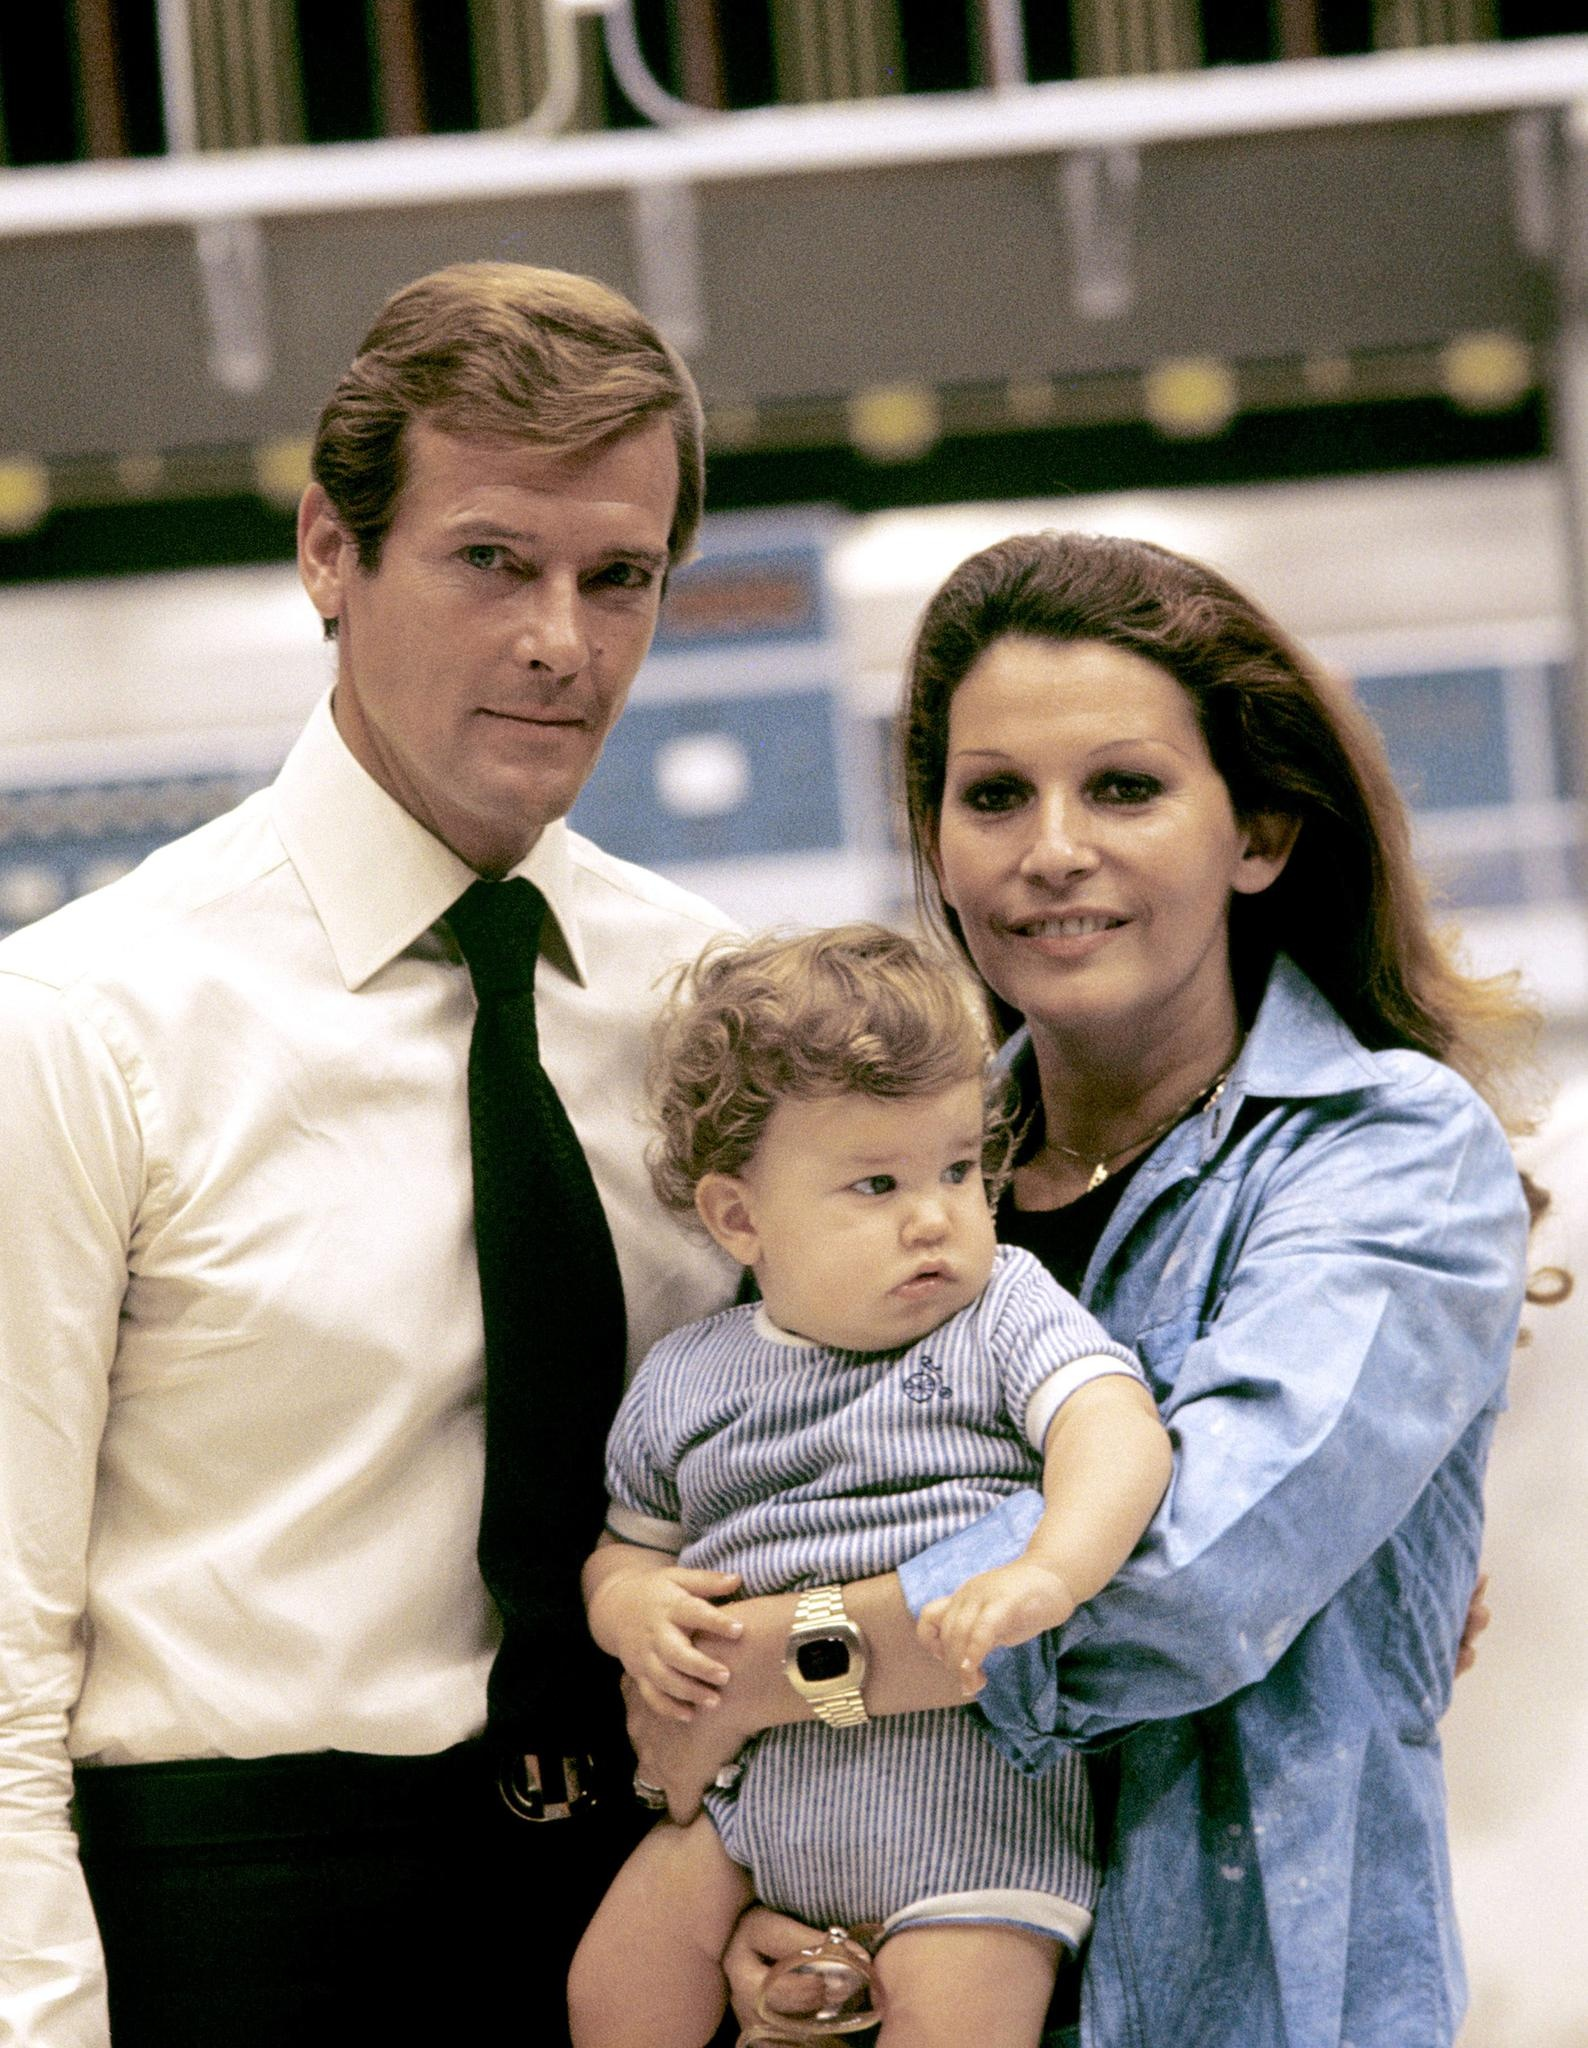 Sir Roger Moore vaimonsa Luisa Mattiolin ja poikansa kanssa vuonna 1974.